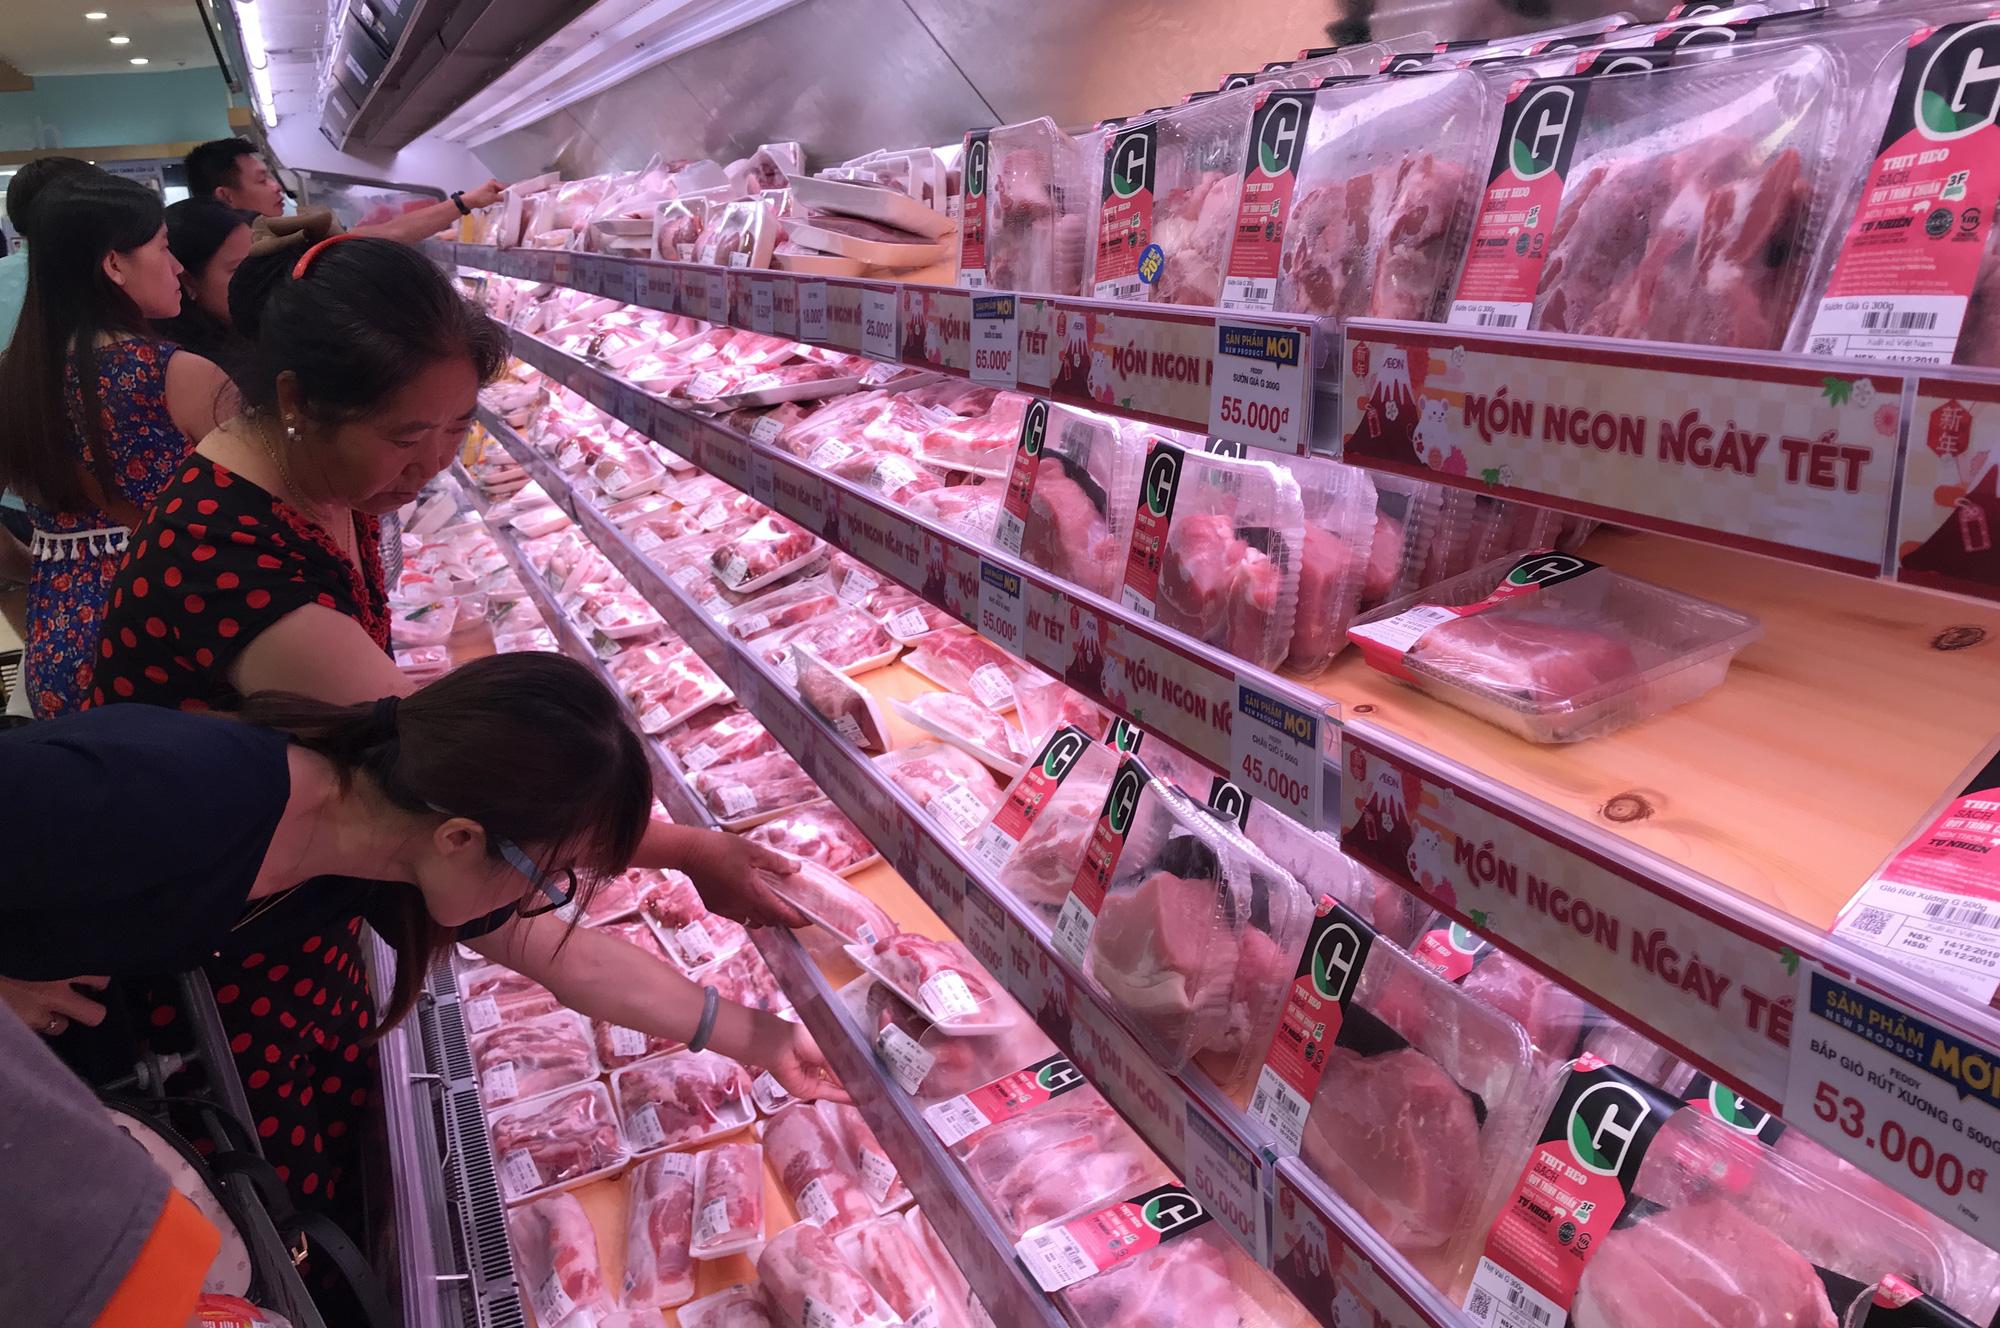 1.500 tấn thịt heo nhập khẩu đã cập cảng, chuẩn bị đón hơn 50.000 tấn để giảm giá heo trong nước - Ảnh 1.